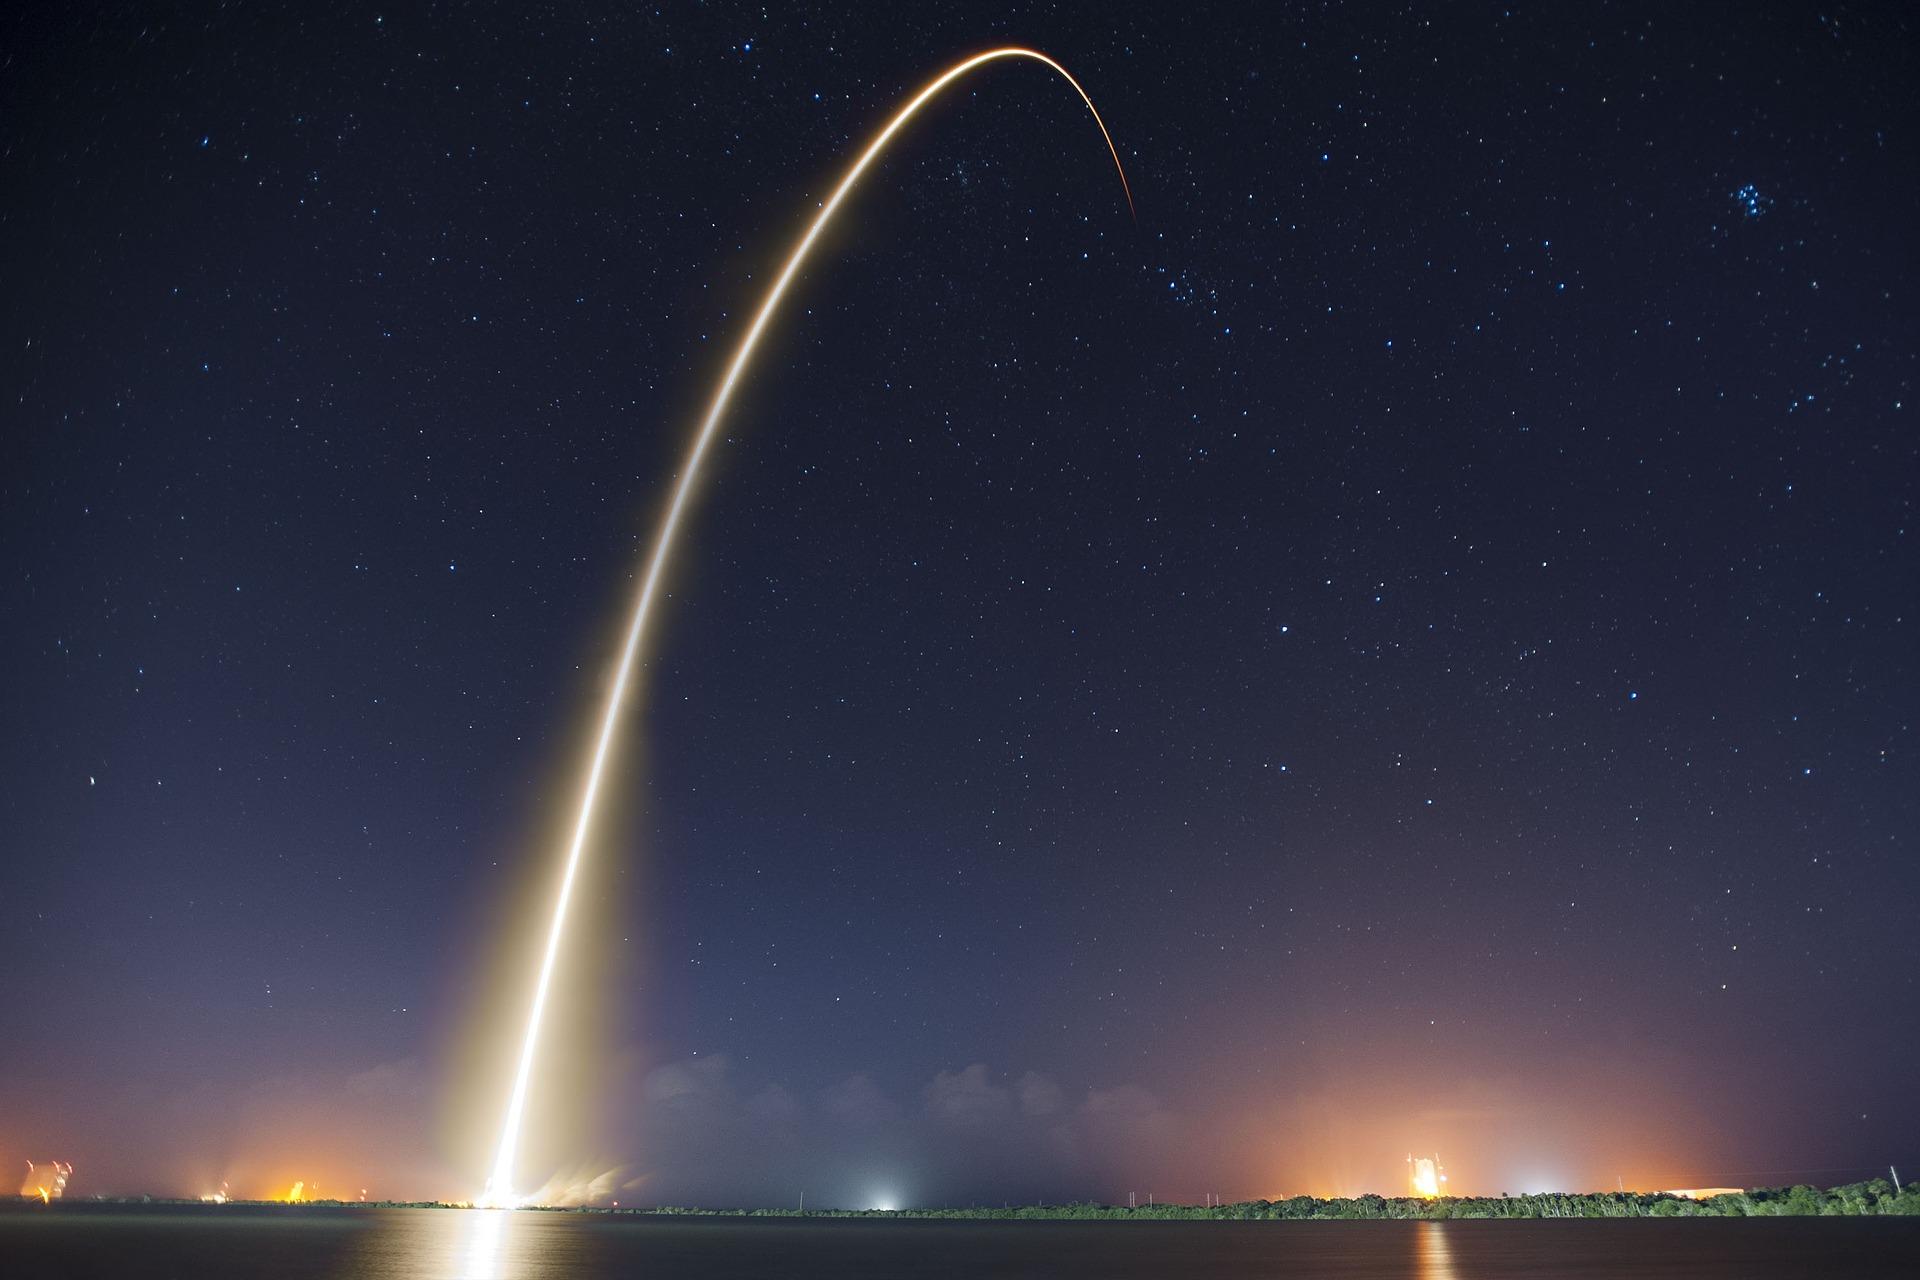 The Sun: секретная ракета России представляет угрозу для американских спутников